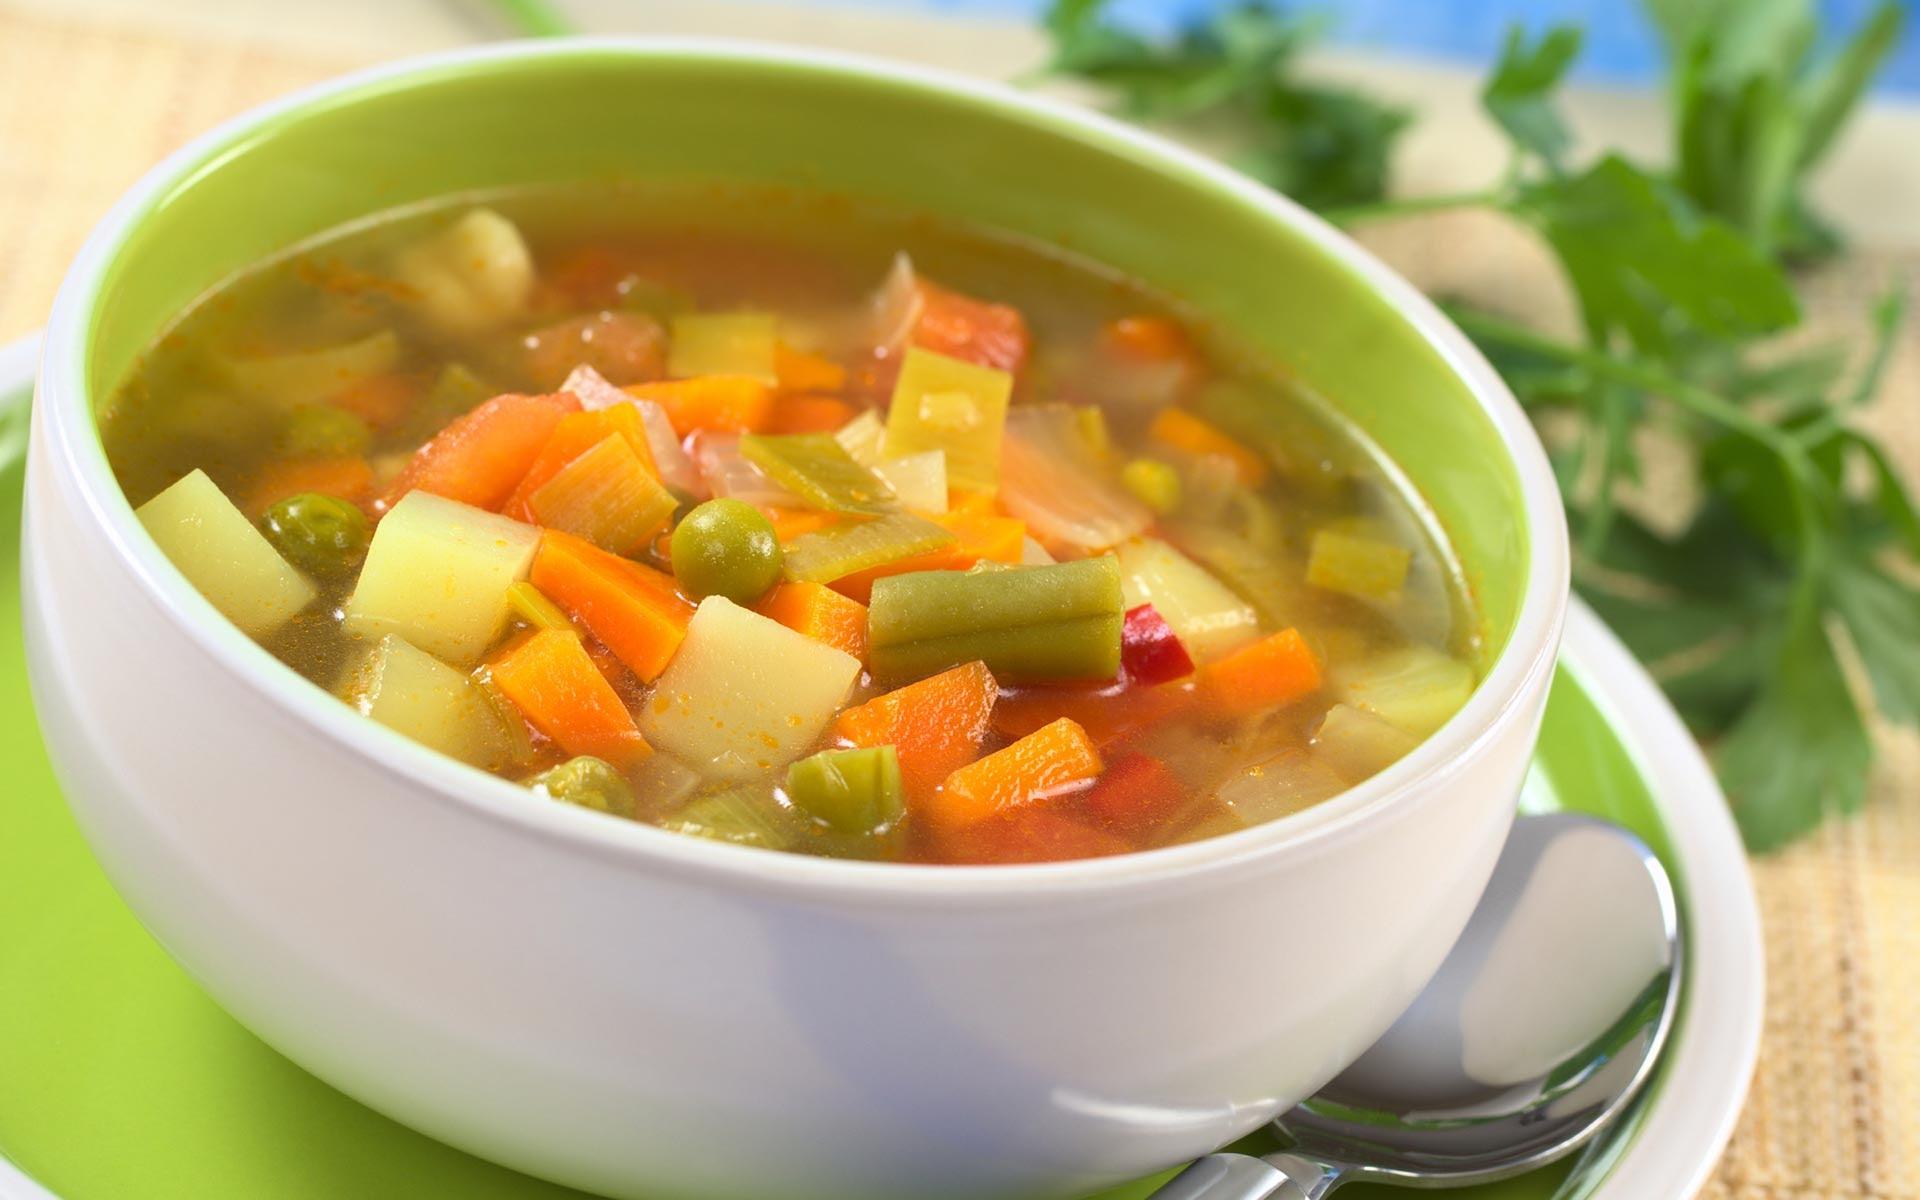 Рецепт овощного супа на английском с переводом